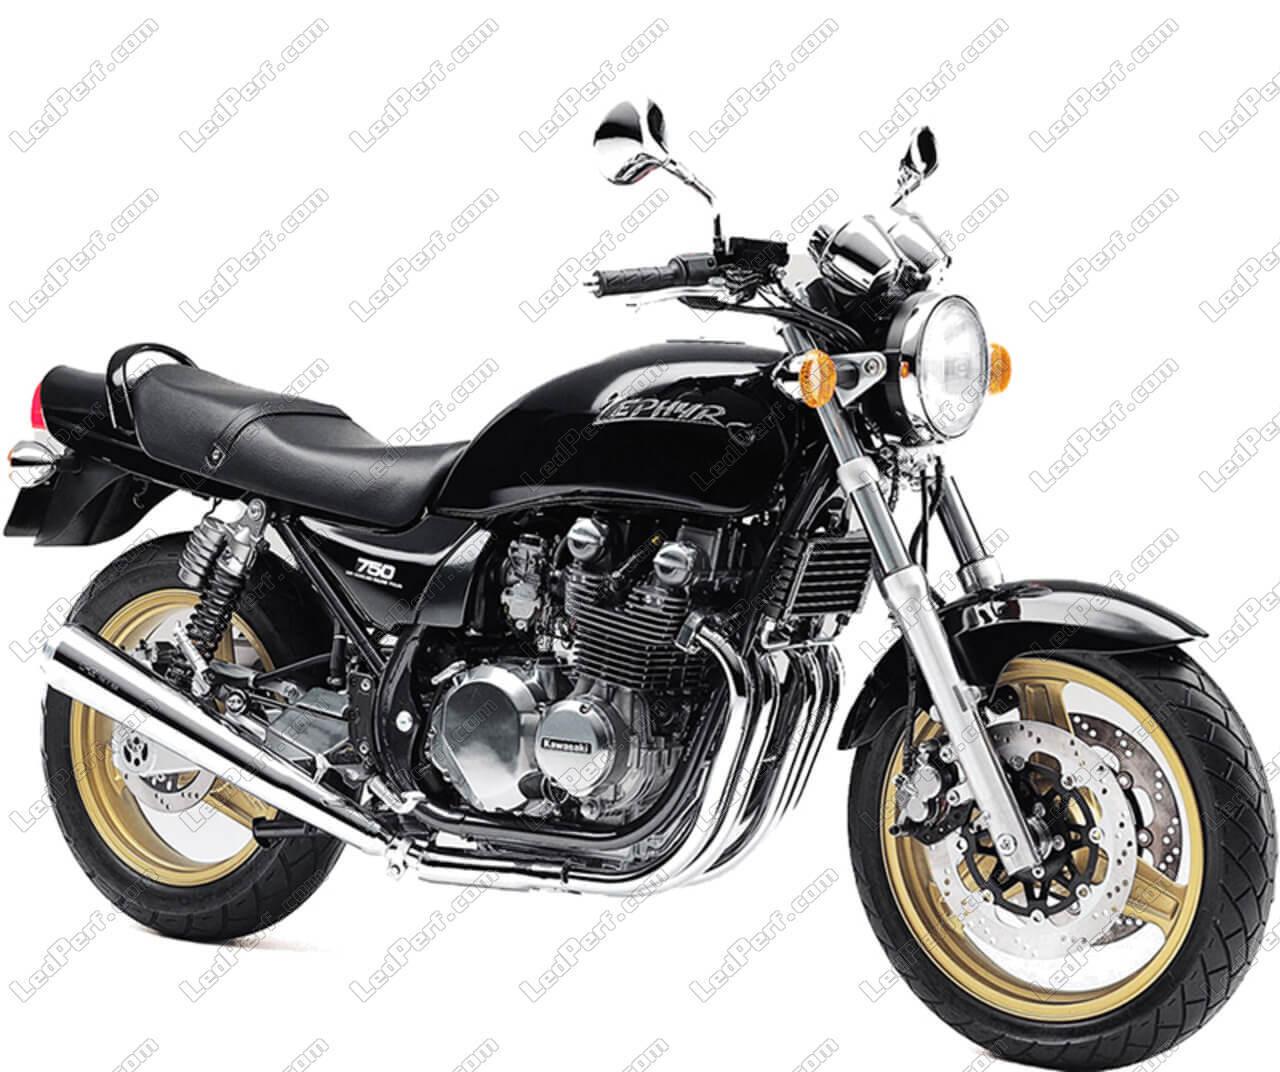 phares additionnels led pour moto kawasaki zephyr 750. Black Bedroom Furniture Sets. Home Design Ideas